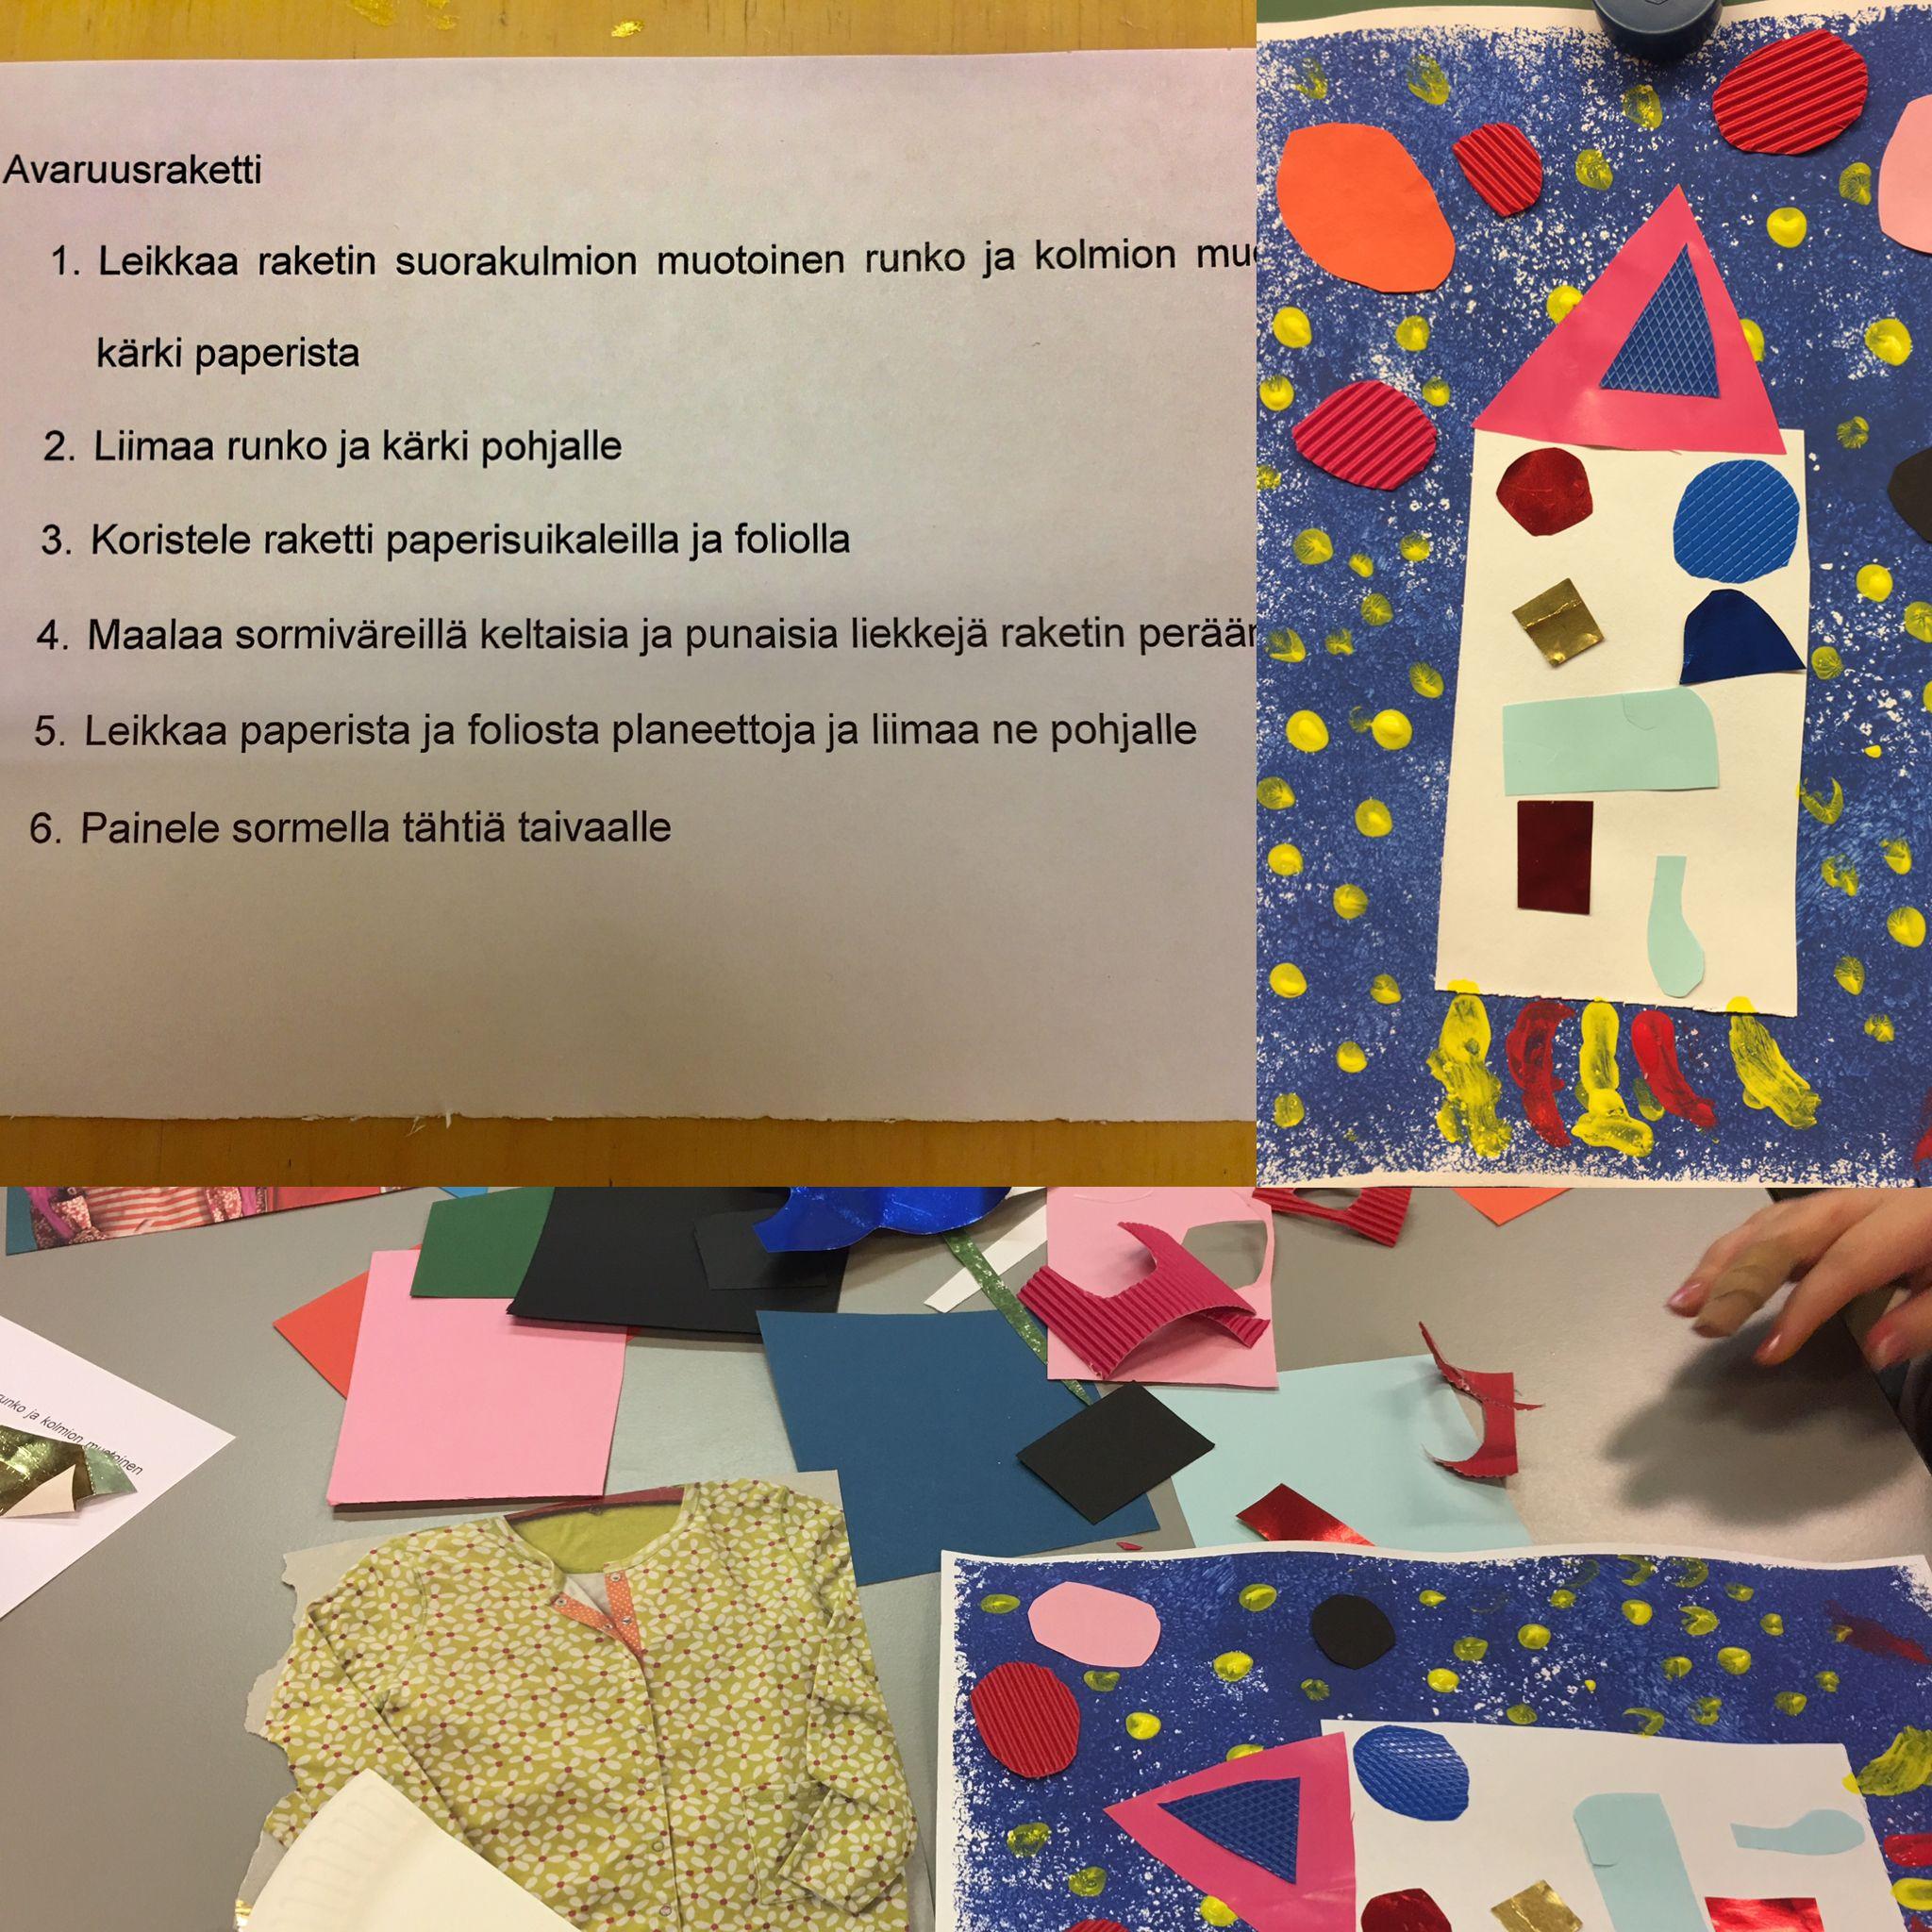 Rakettityö luetun ymmärtämisenä. Lapsille varattiin erilaisia tarvikkeita työn toteuttamiseen. Ainoastaan tausta töpötettiin yhdessä valmiiksi. Työ myös kertaa matematiikan muotoja.